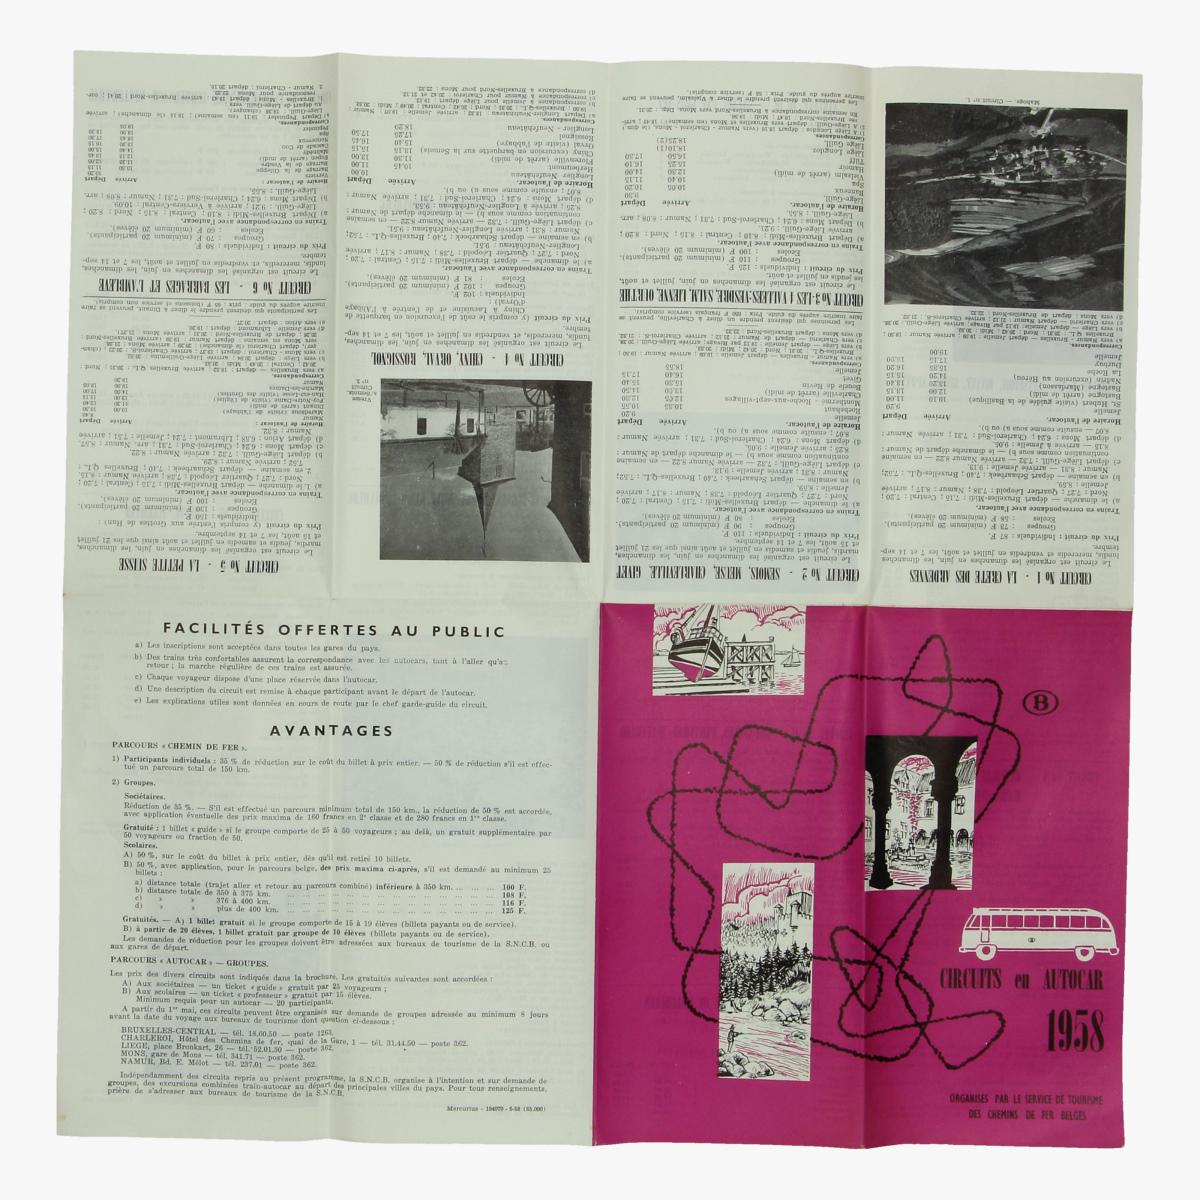 Afbeeldingen van expo 58 folder circuits en autocar 1958